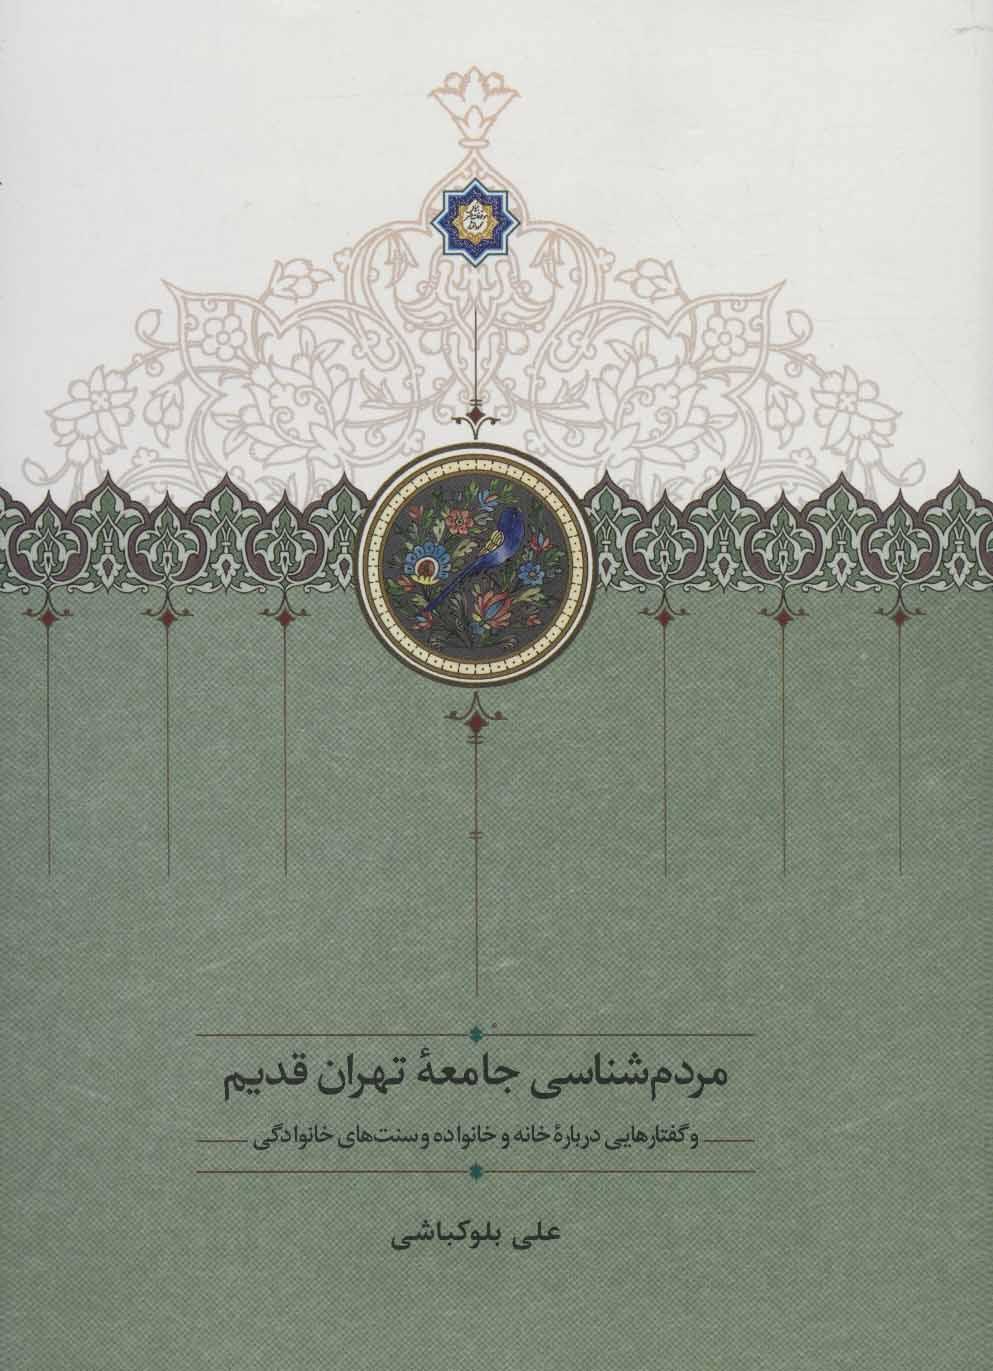 مردم شناسی جامعه تهران قدیم و گفتارهایی درباره خانه و خانواده و سنت های خانوادگی